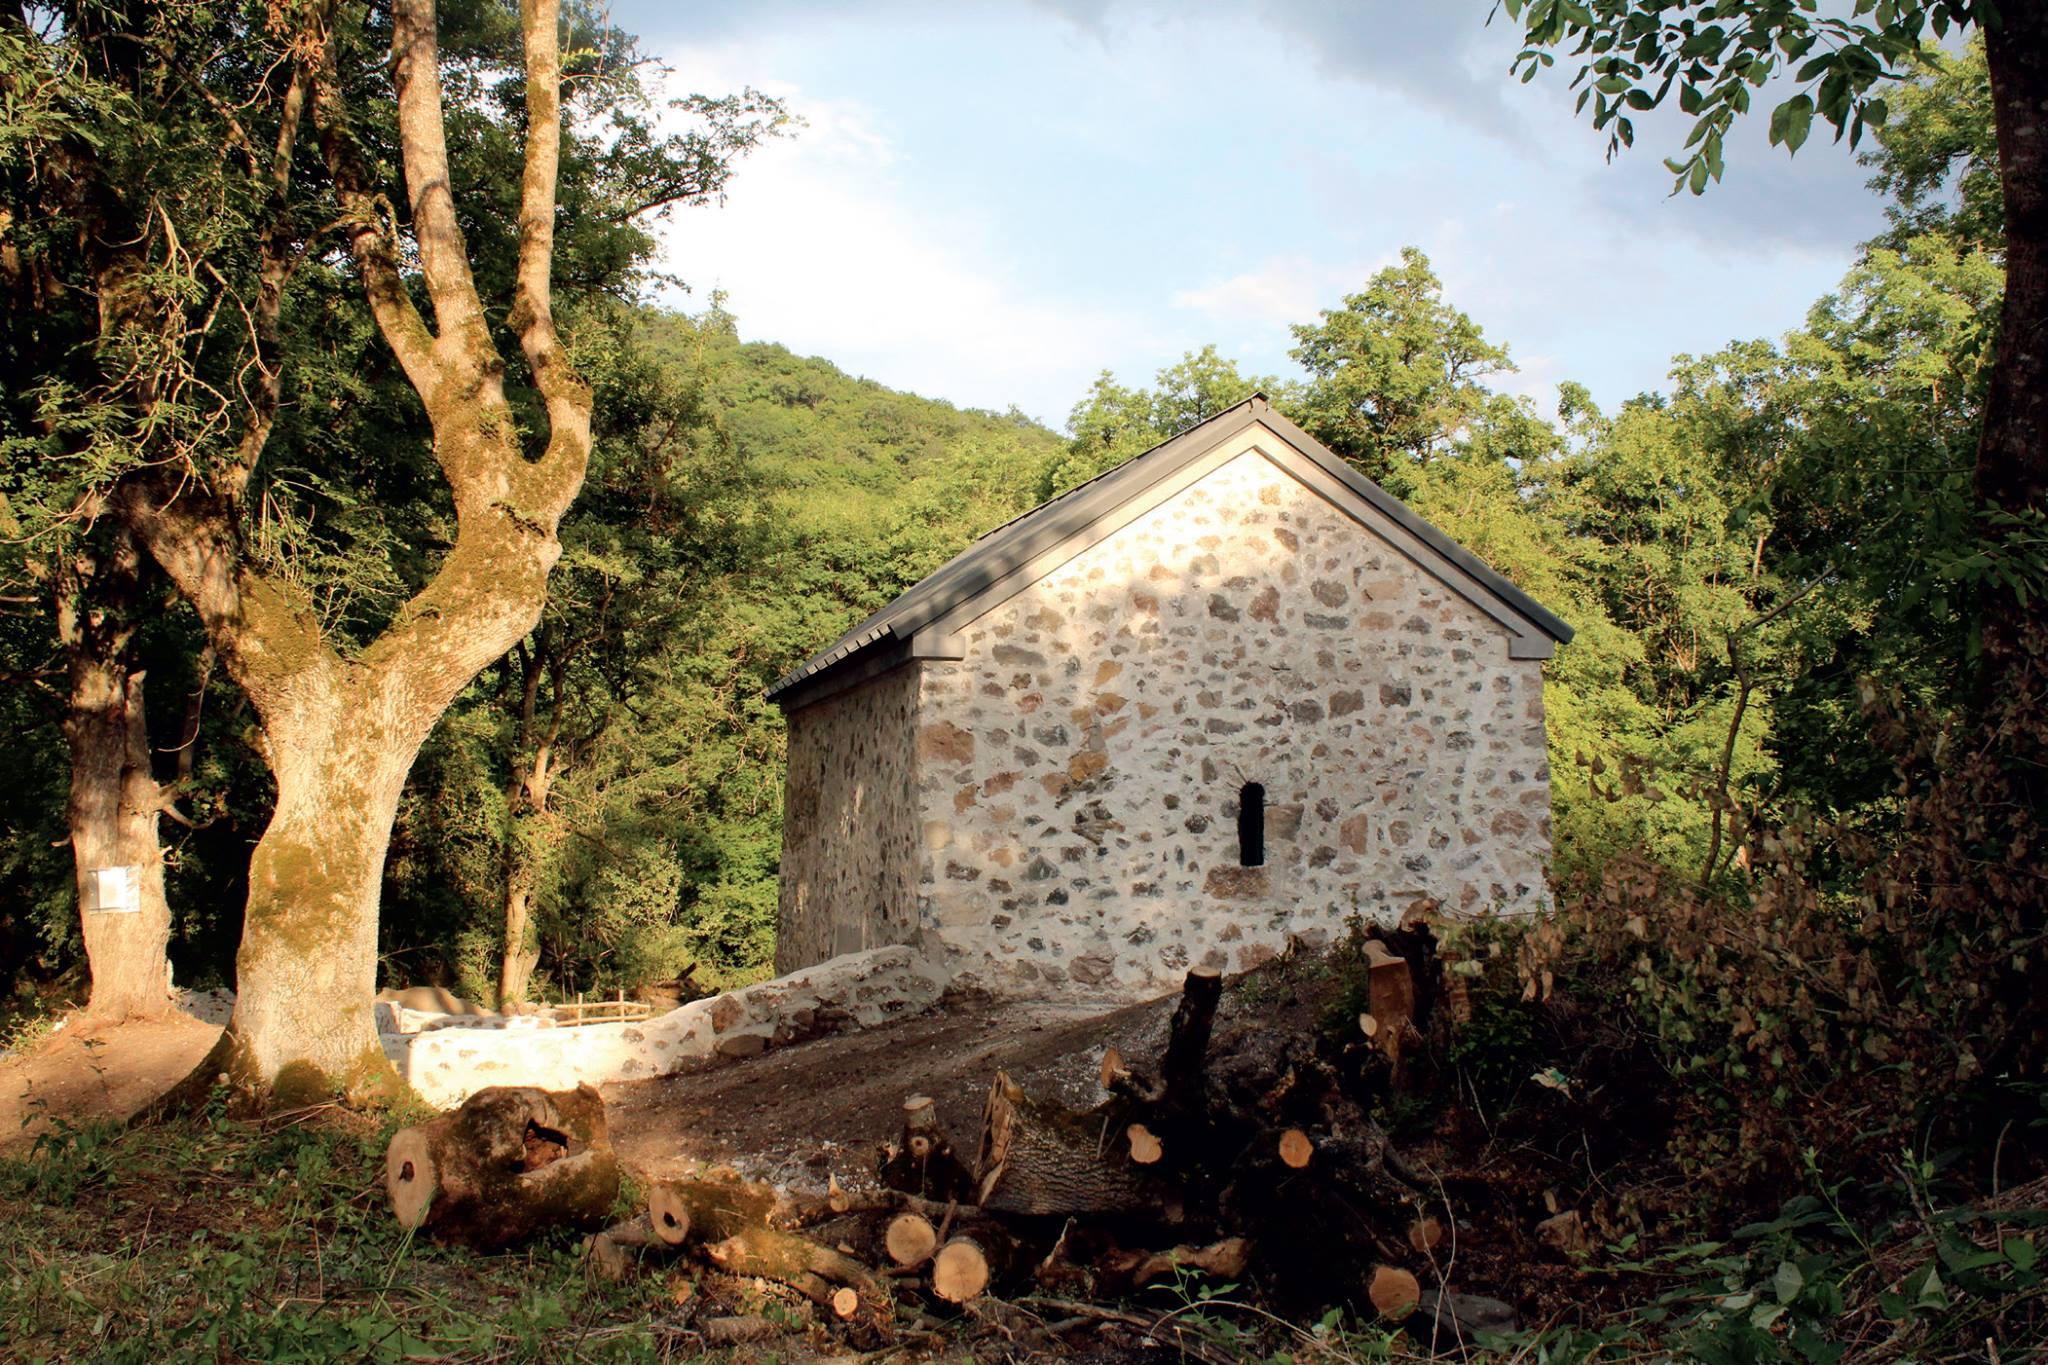 ნასოფლარ ორხევის დარბაზული ეკლესია